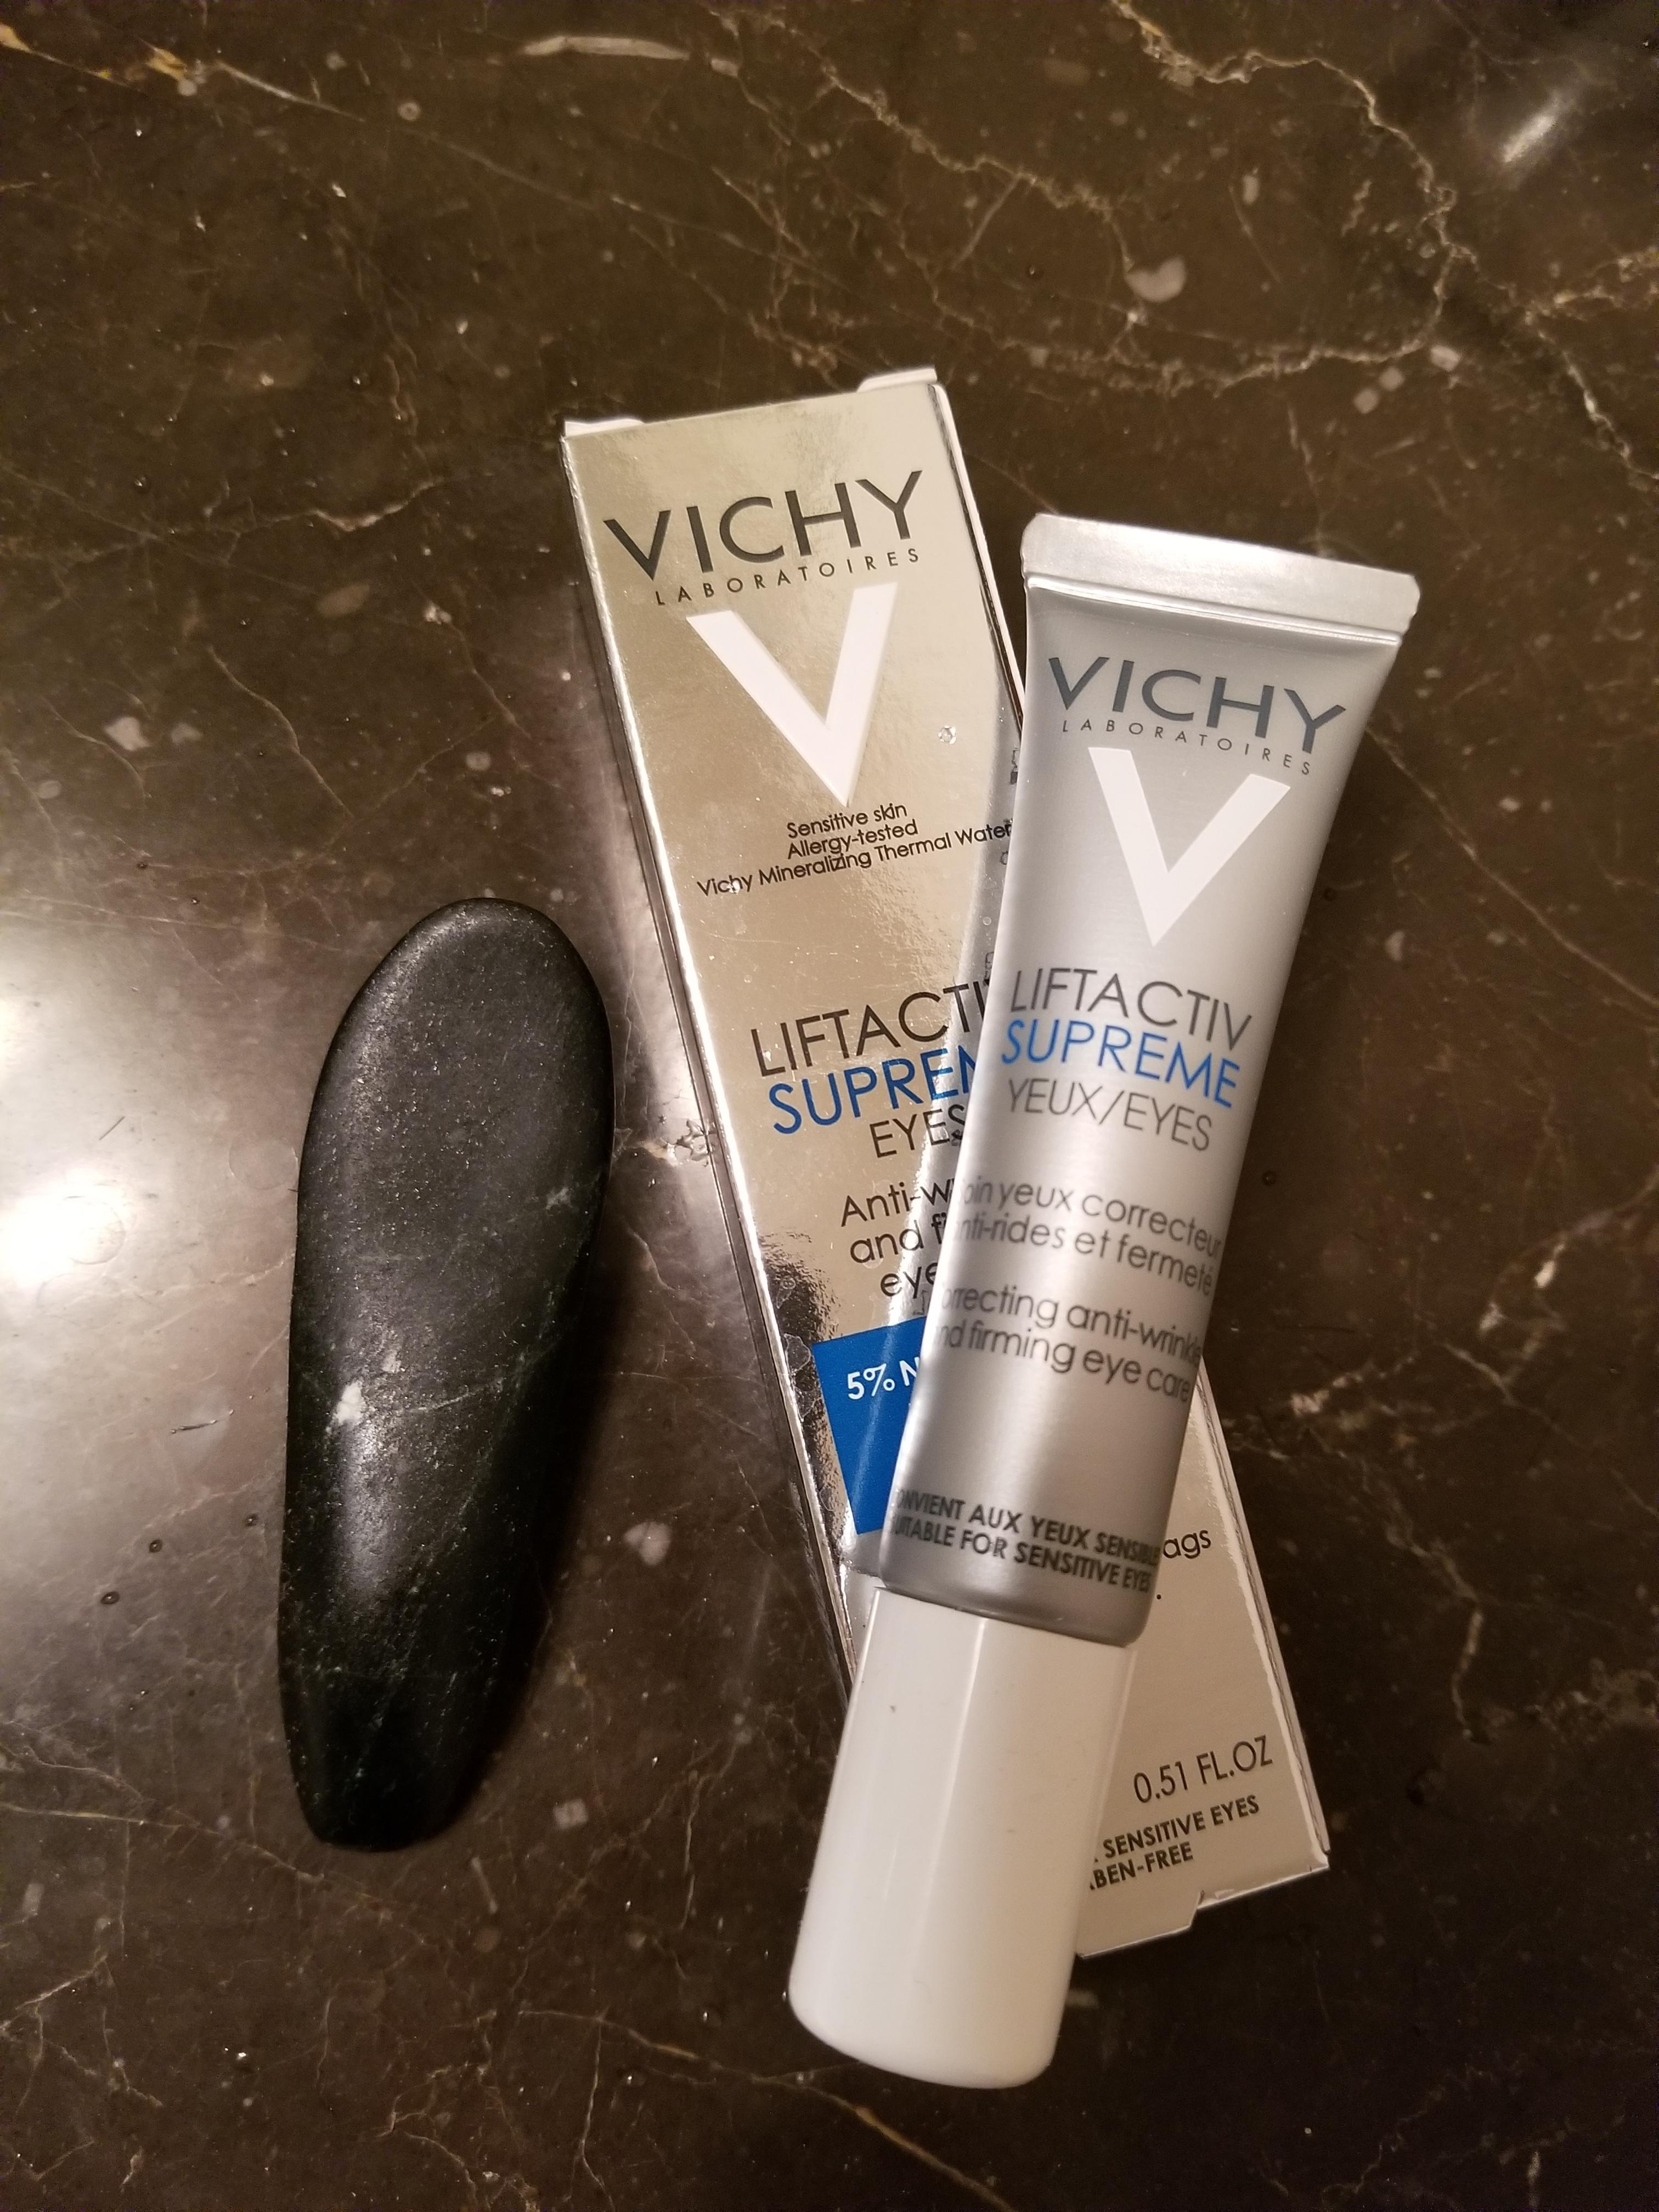 Vichy Liftactiv Supreme Eyes Reviews In Eye Creams & Treatments